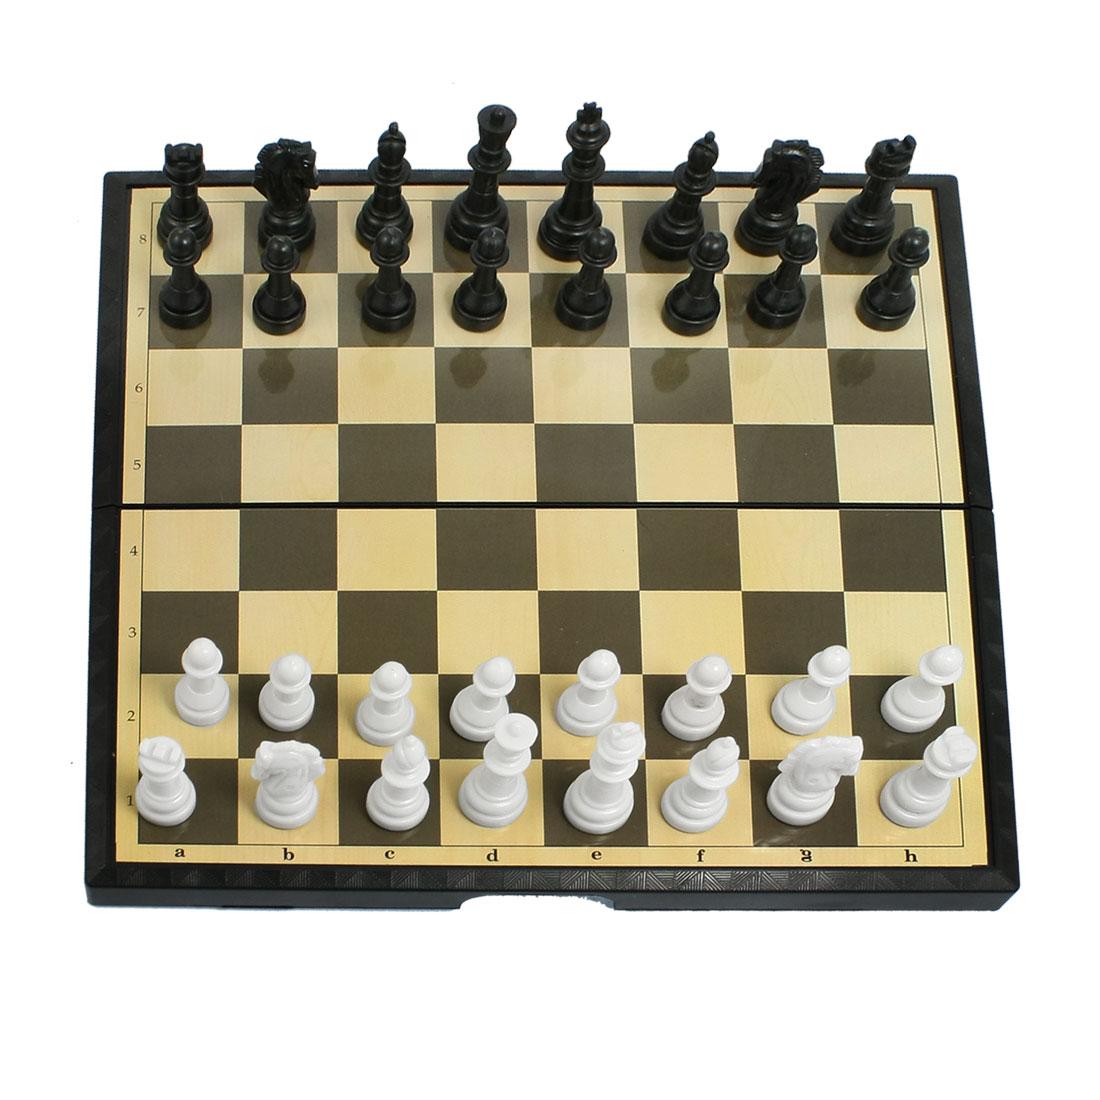 Plastic Foldable Handmade Chessboard 32 Chessmen International Chess Black Set